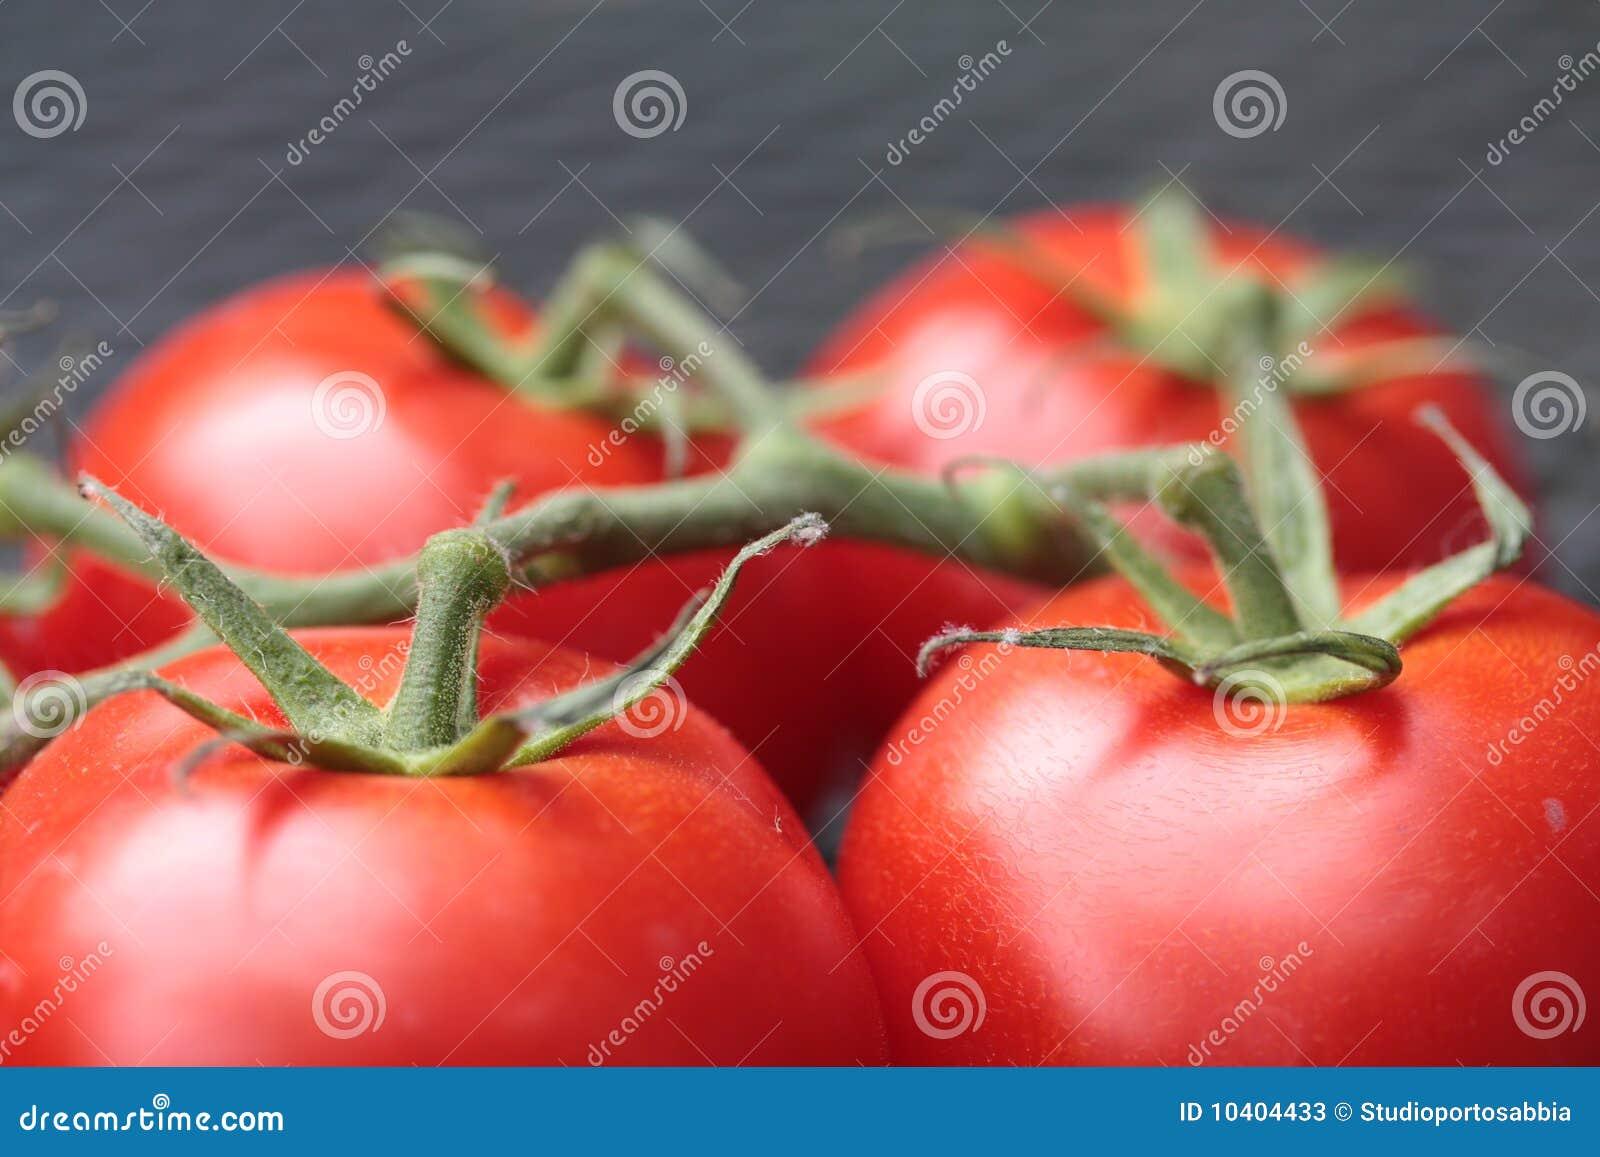 Verbonden tomaten